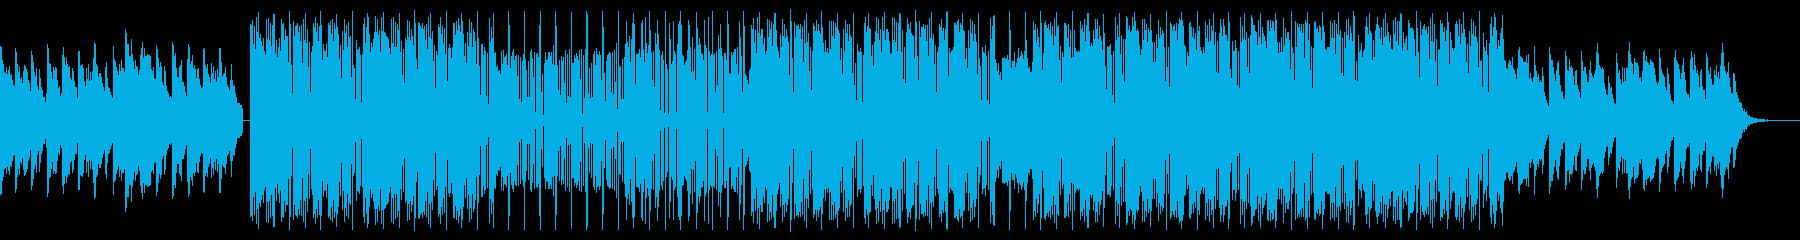 感動的でテンポの良い最高にクールなビートの再生済みの波形